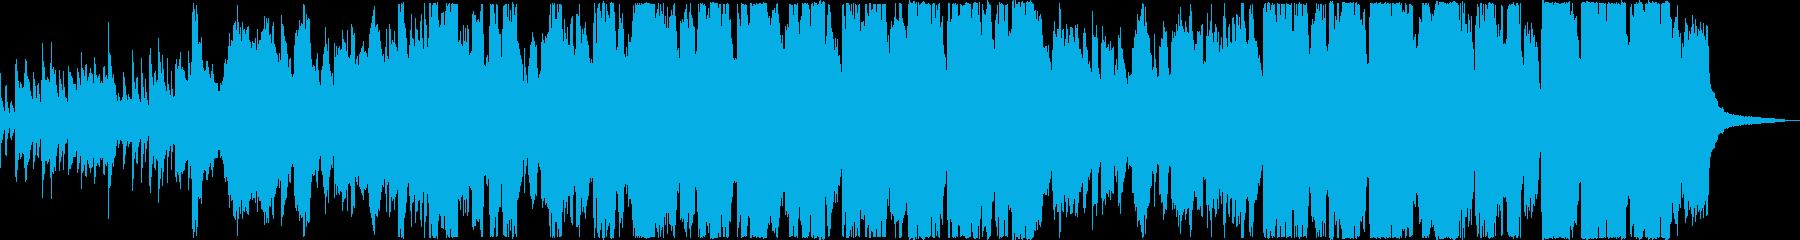 3種類の笛で奏でる100年以上前の伝承曲の再生済みの波形